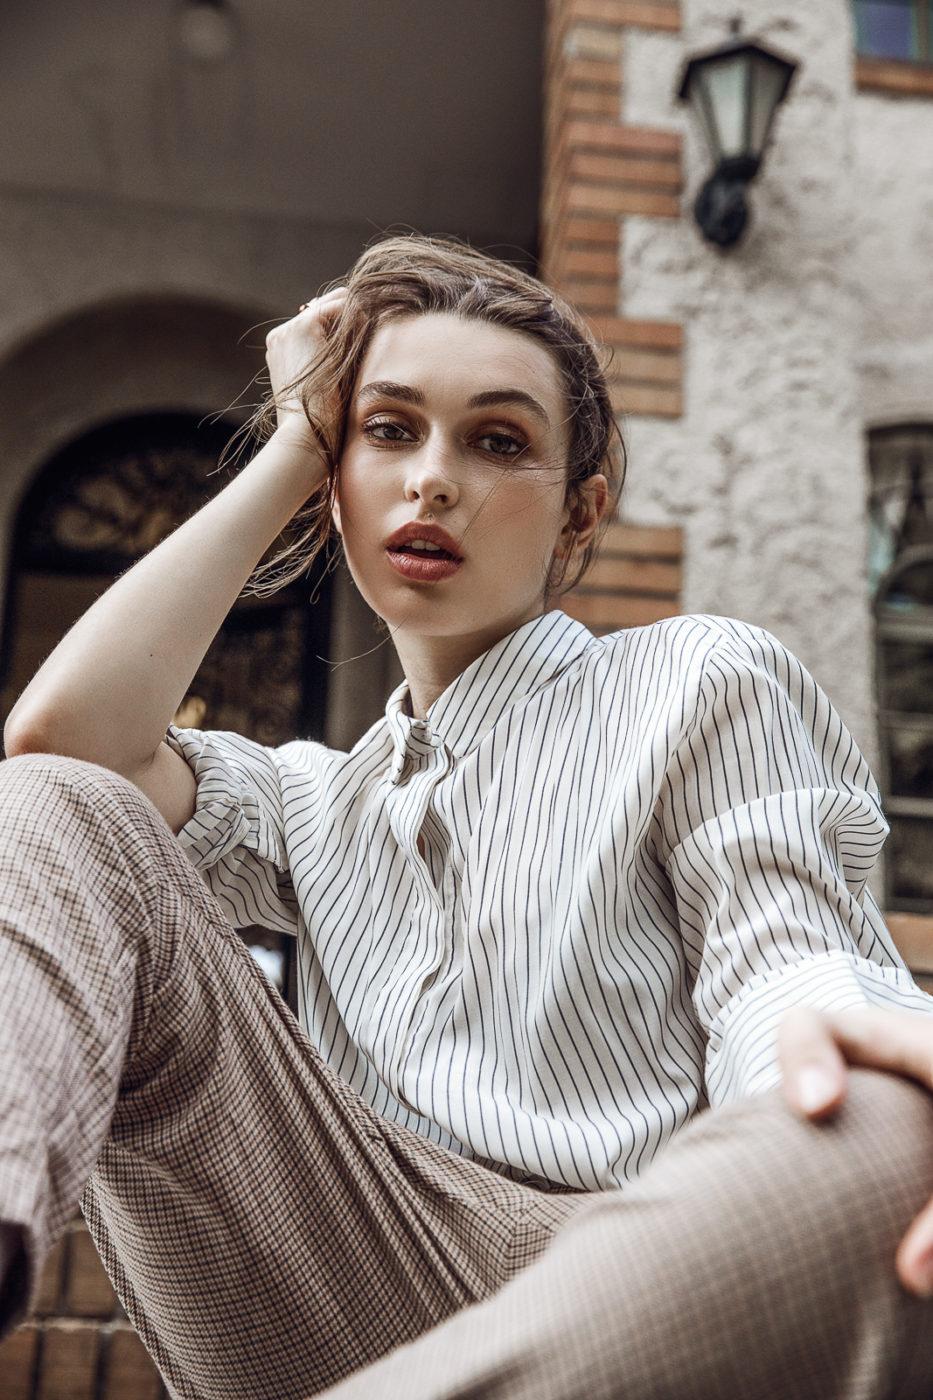 Model Lookbook in Tokyo with Kseniia by Ivana Micic